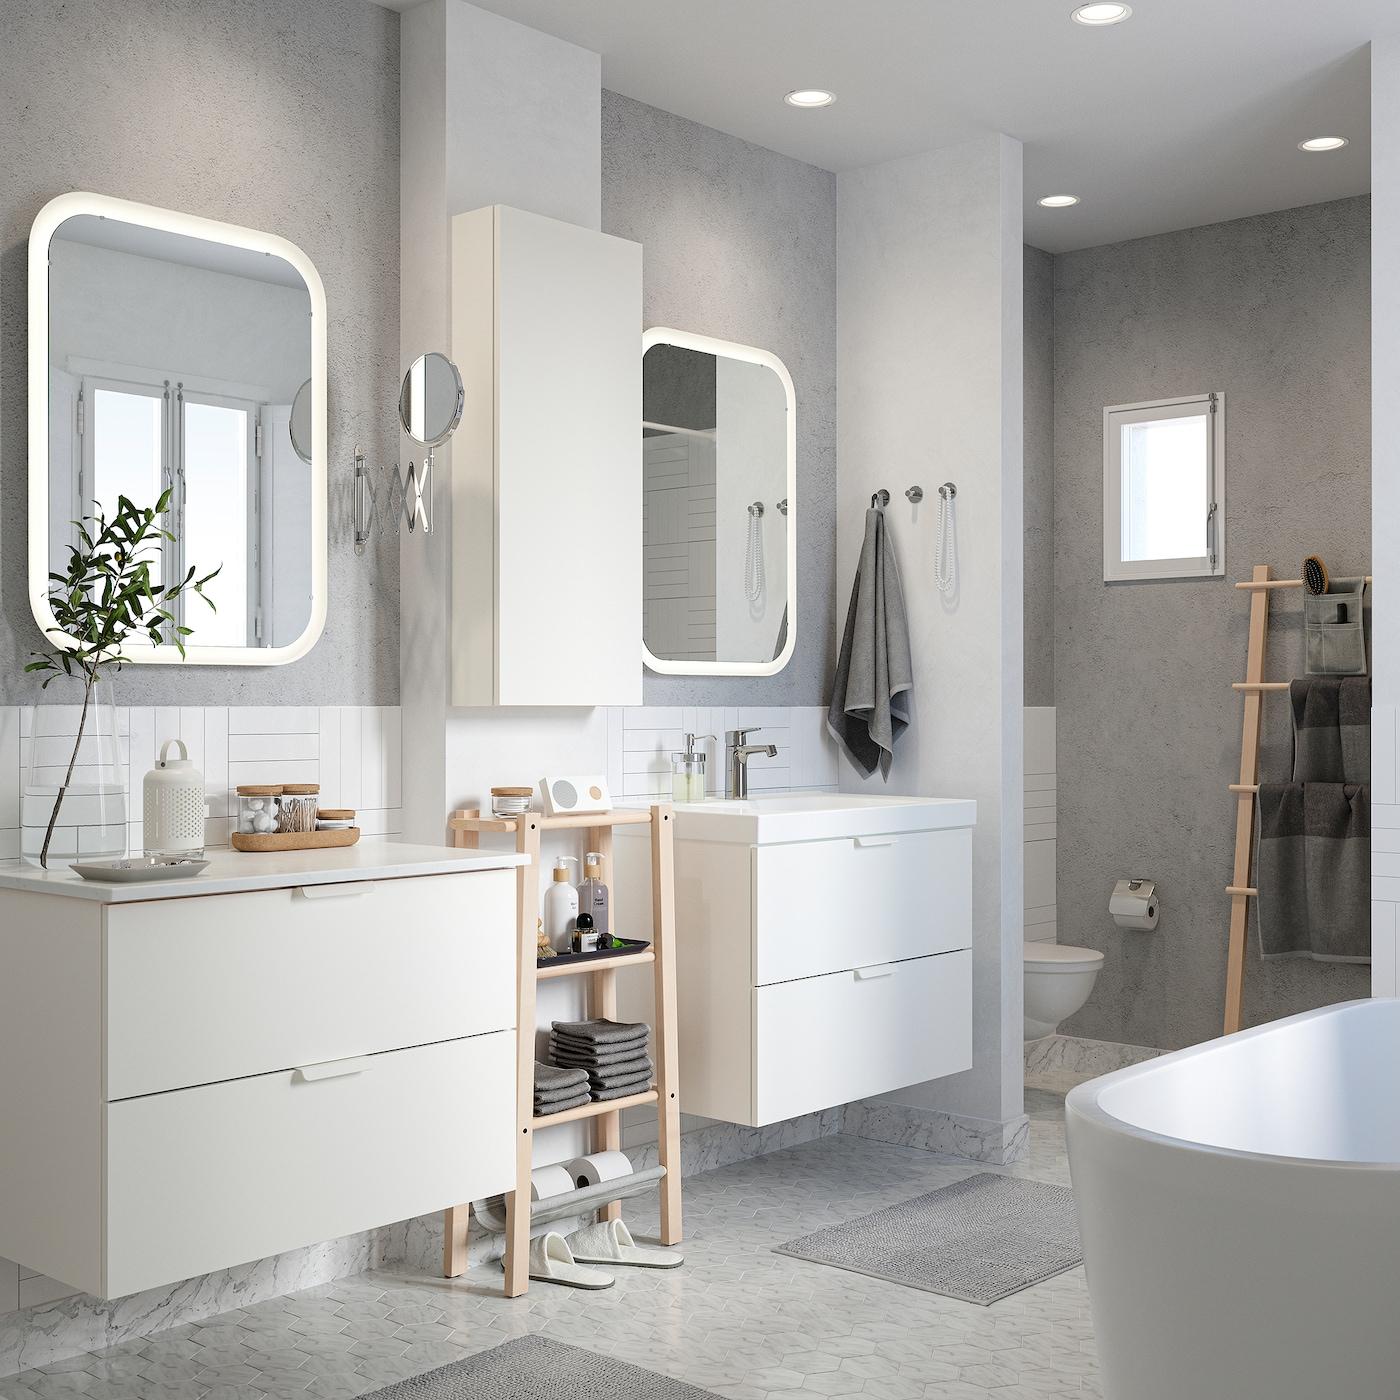 Déco Salle de bain notre galerie photo Salle de bain IKEA